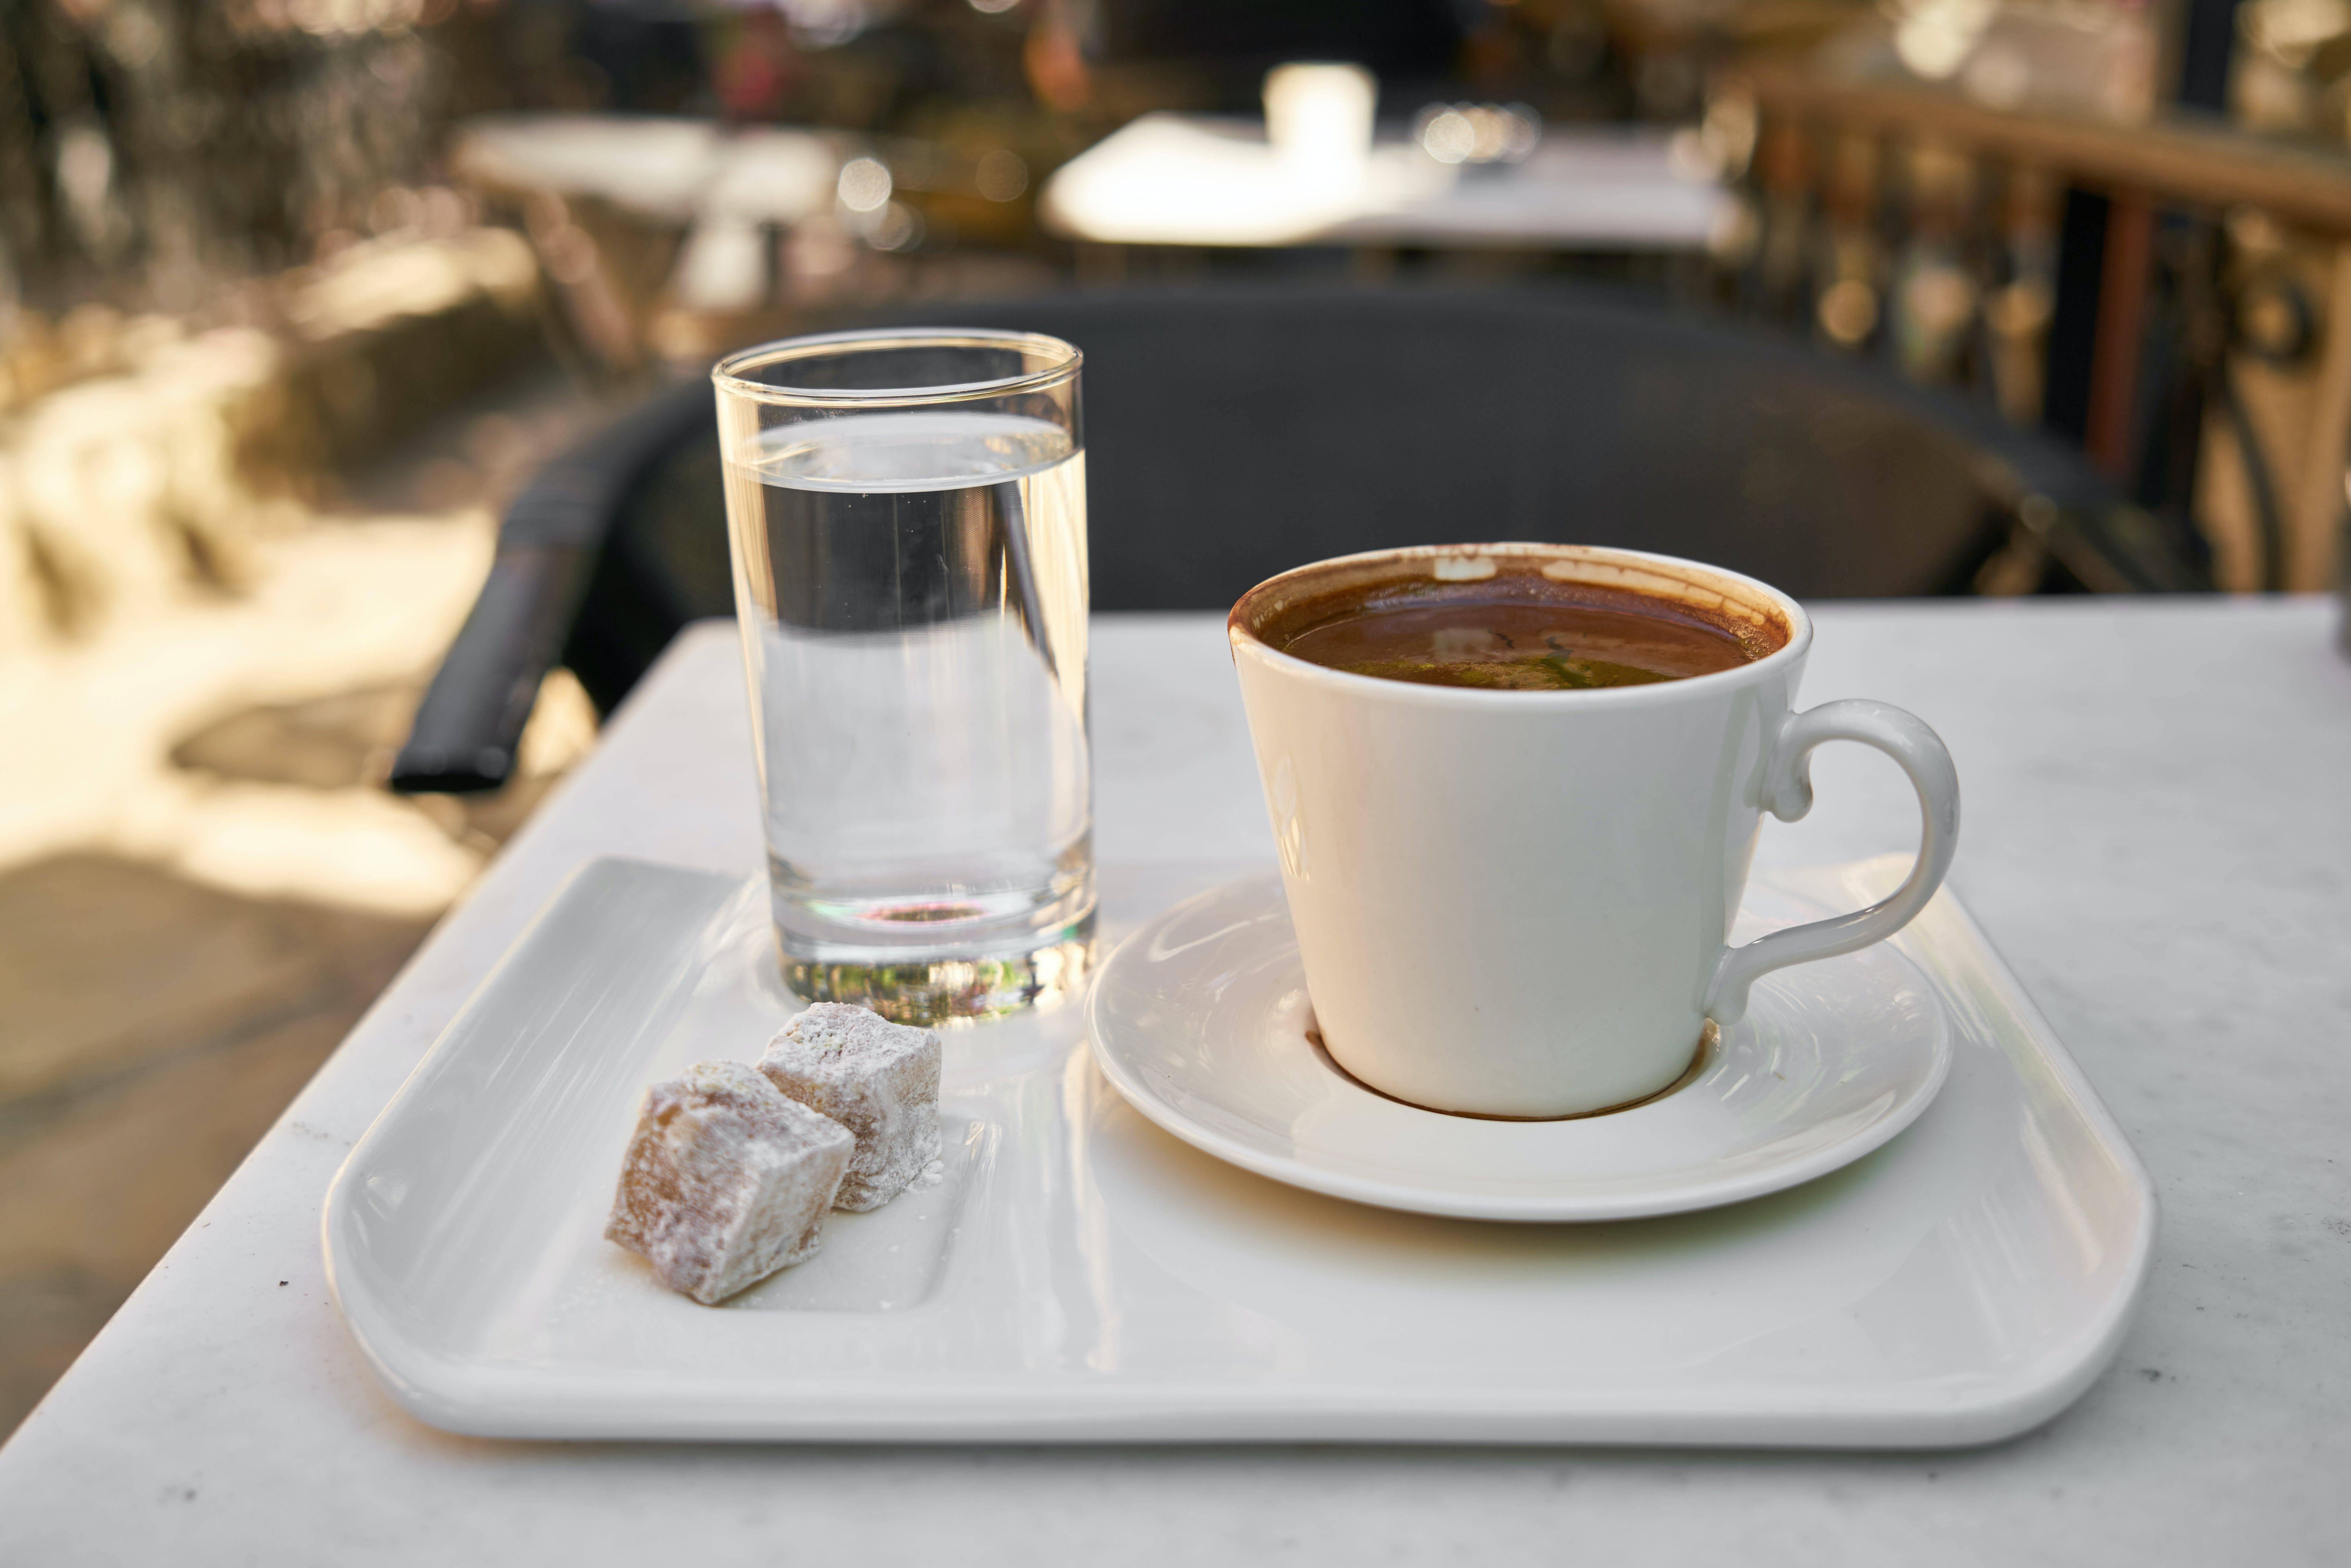 Как правильно приготовить кофе и пить его с пользой - советы врача | вести